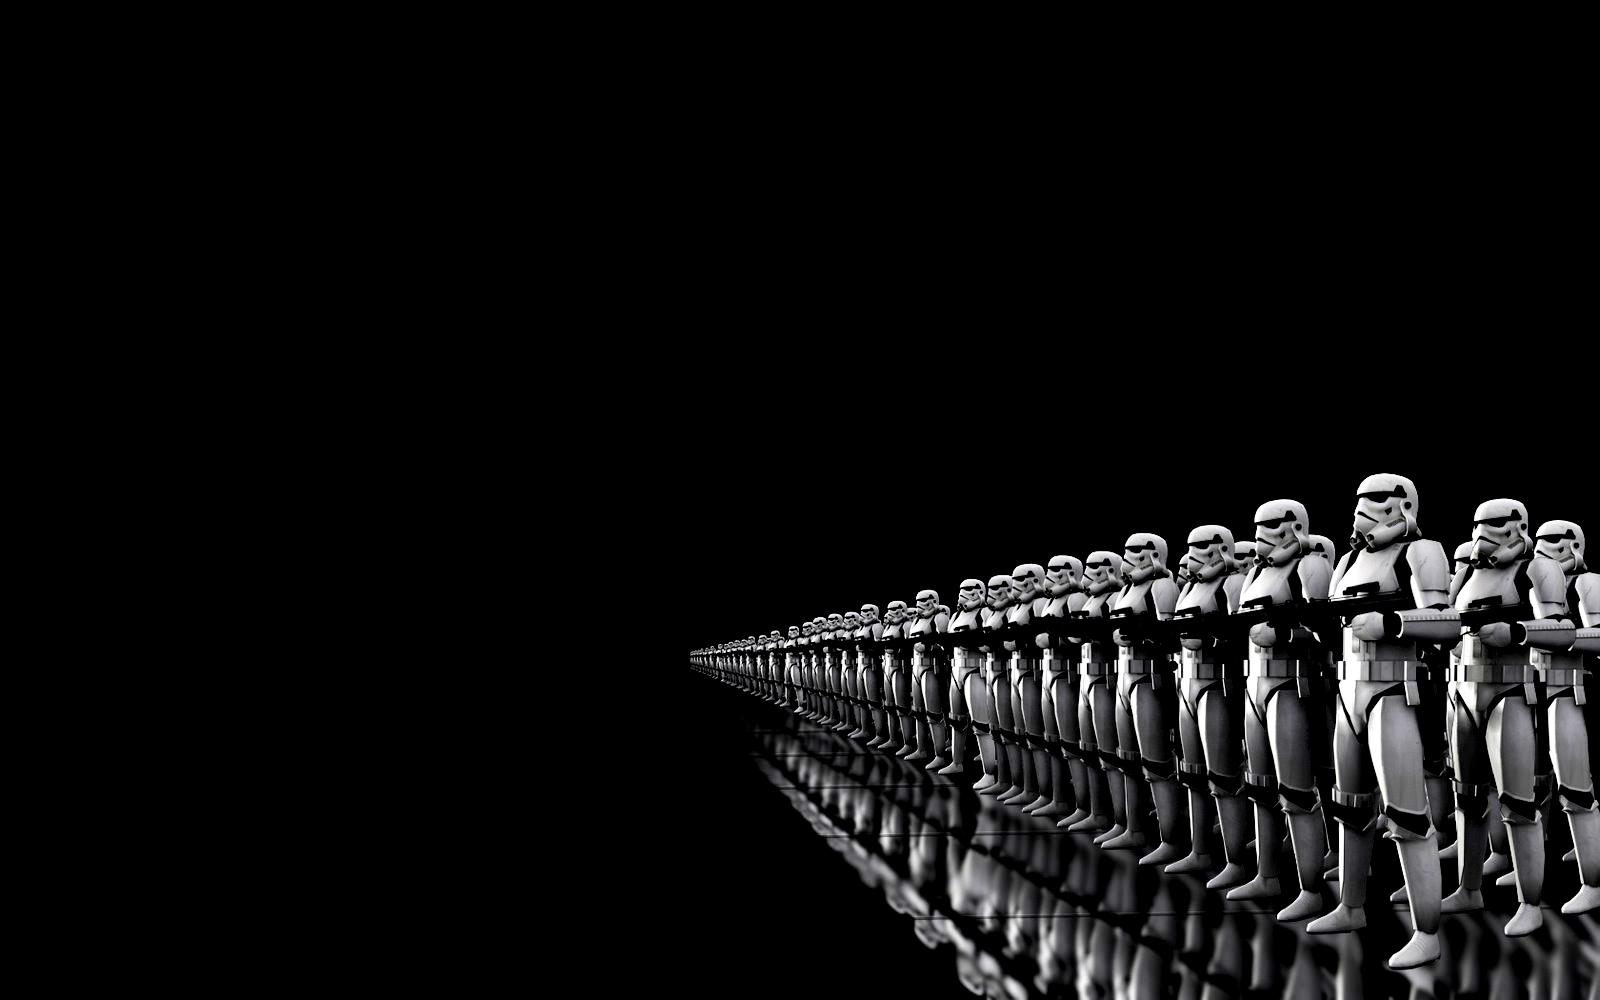 star wars desktop wallpaper download stormtroopers star wars wallpaper 1600x1000